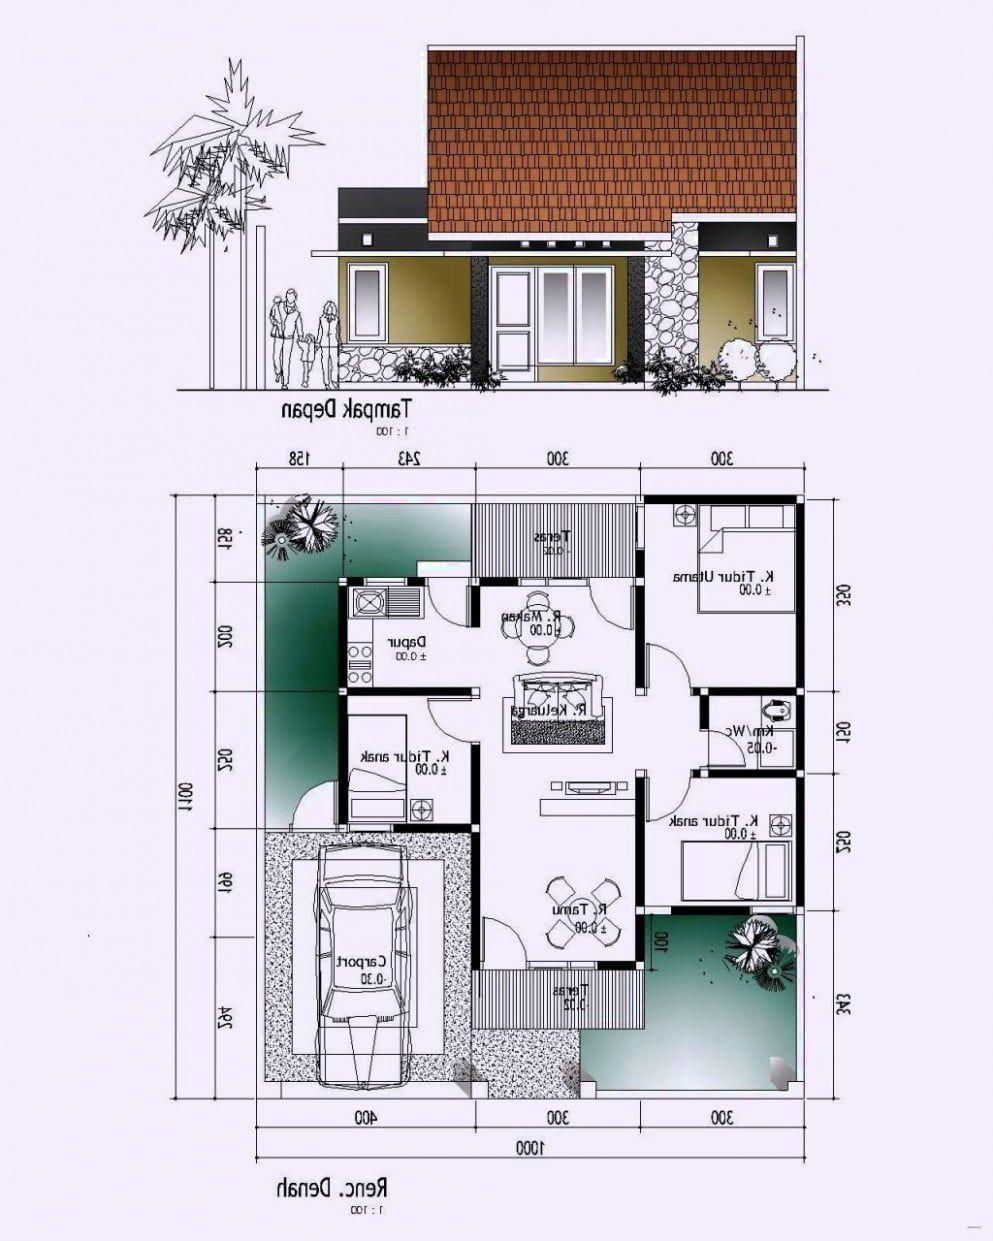 Desain Rumah 8x20 Rumah Minimalis Desain Rumah Rumah